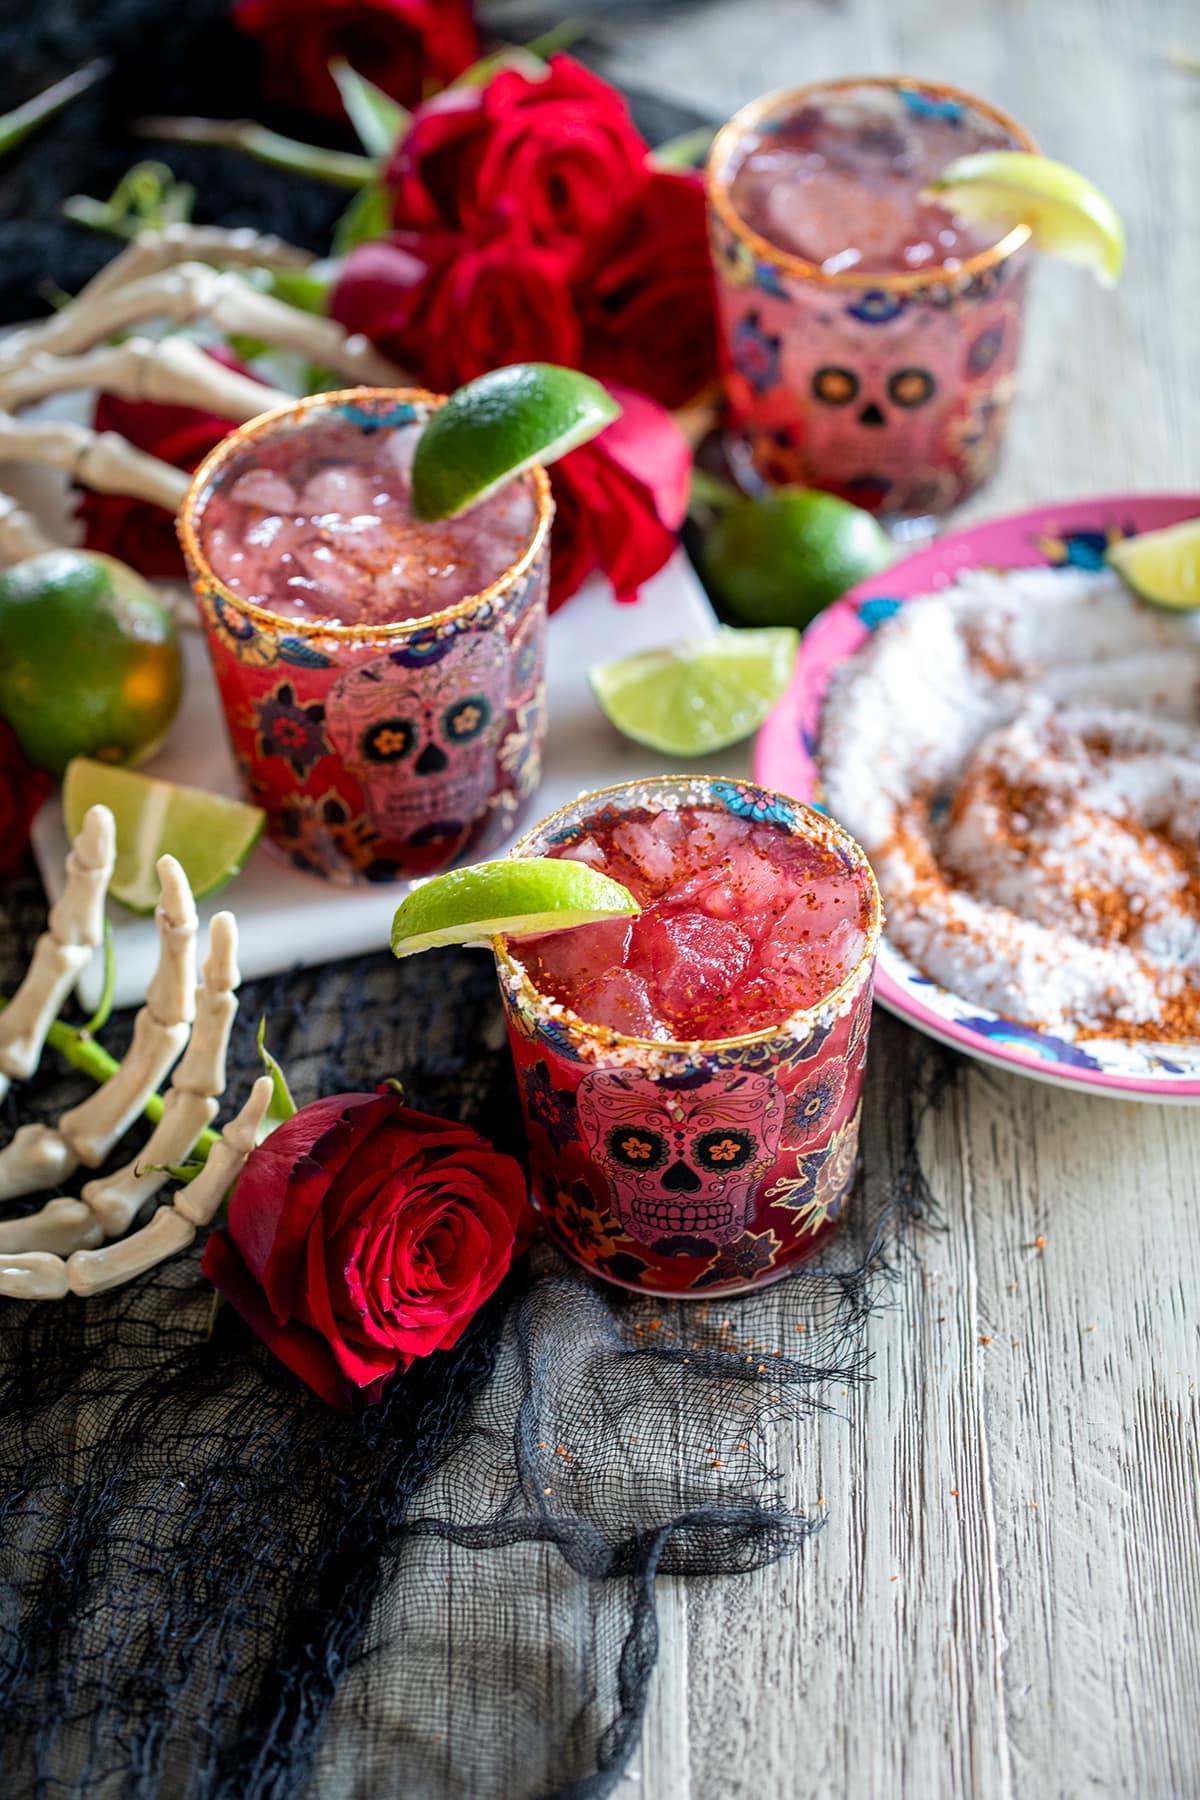 Chili Pomegranate Margarita